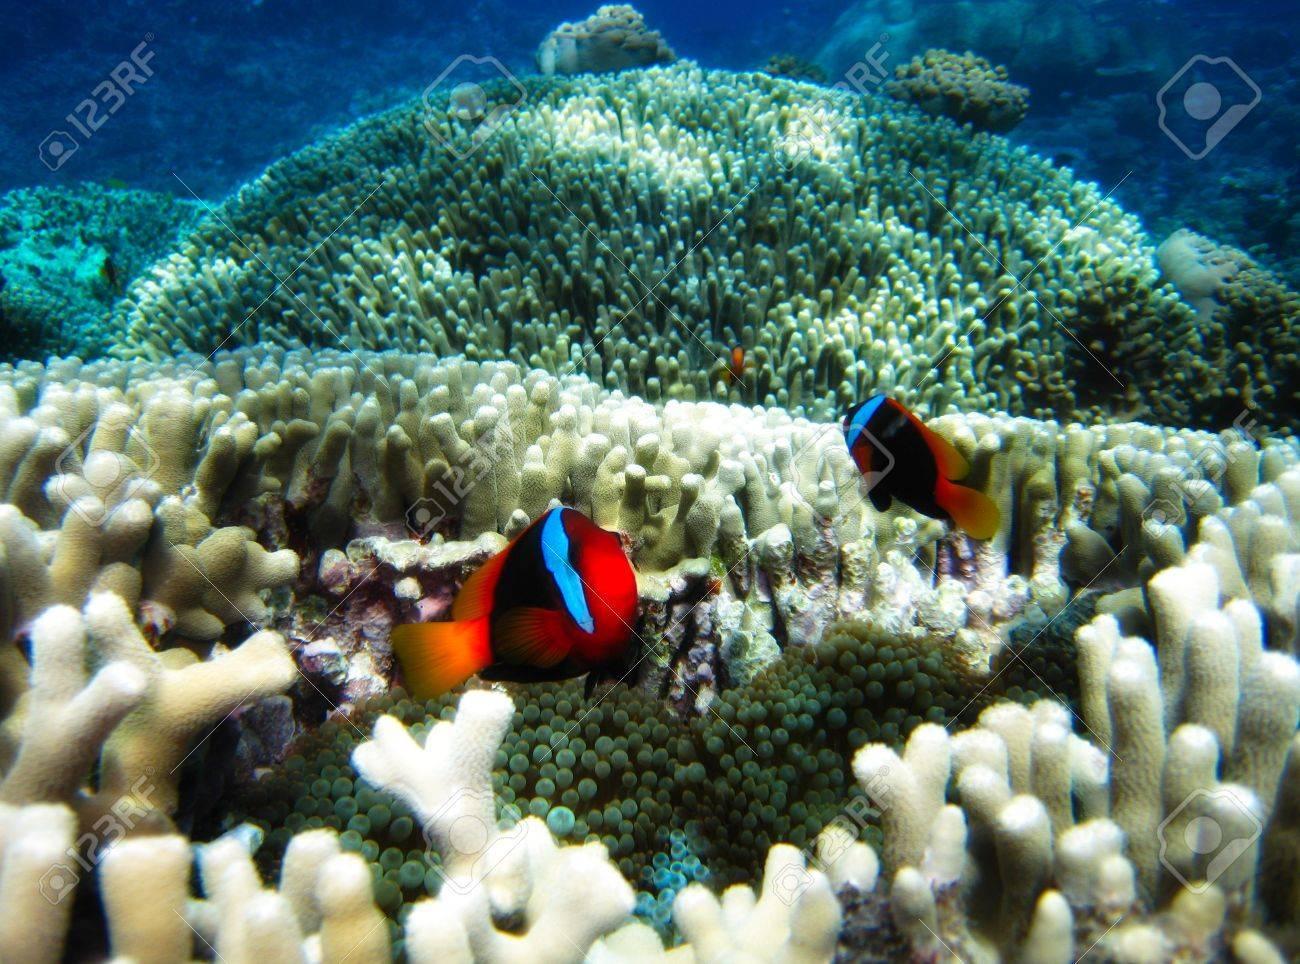 Fish tank queensland - Nemo Fish On The Great Barrier Reef In Queensland Australia Stock Photo 16384929